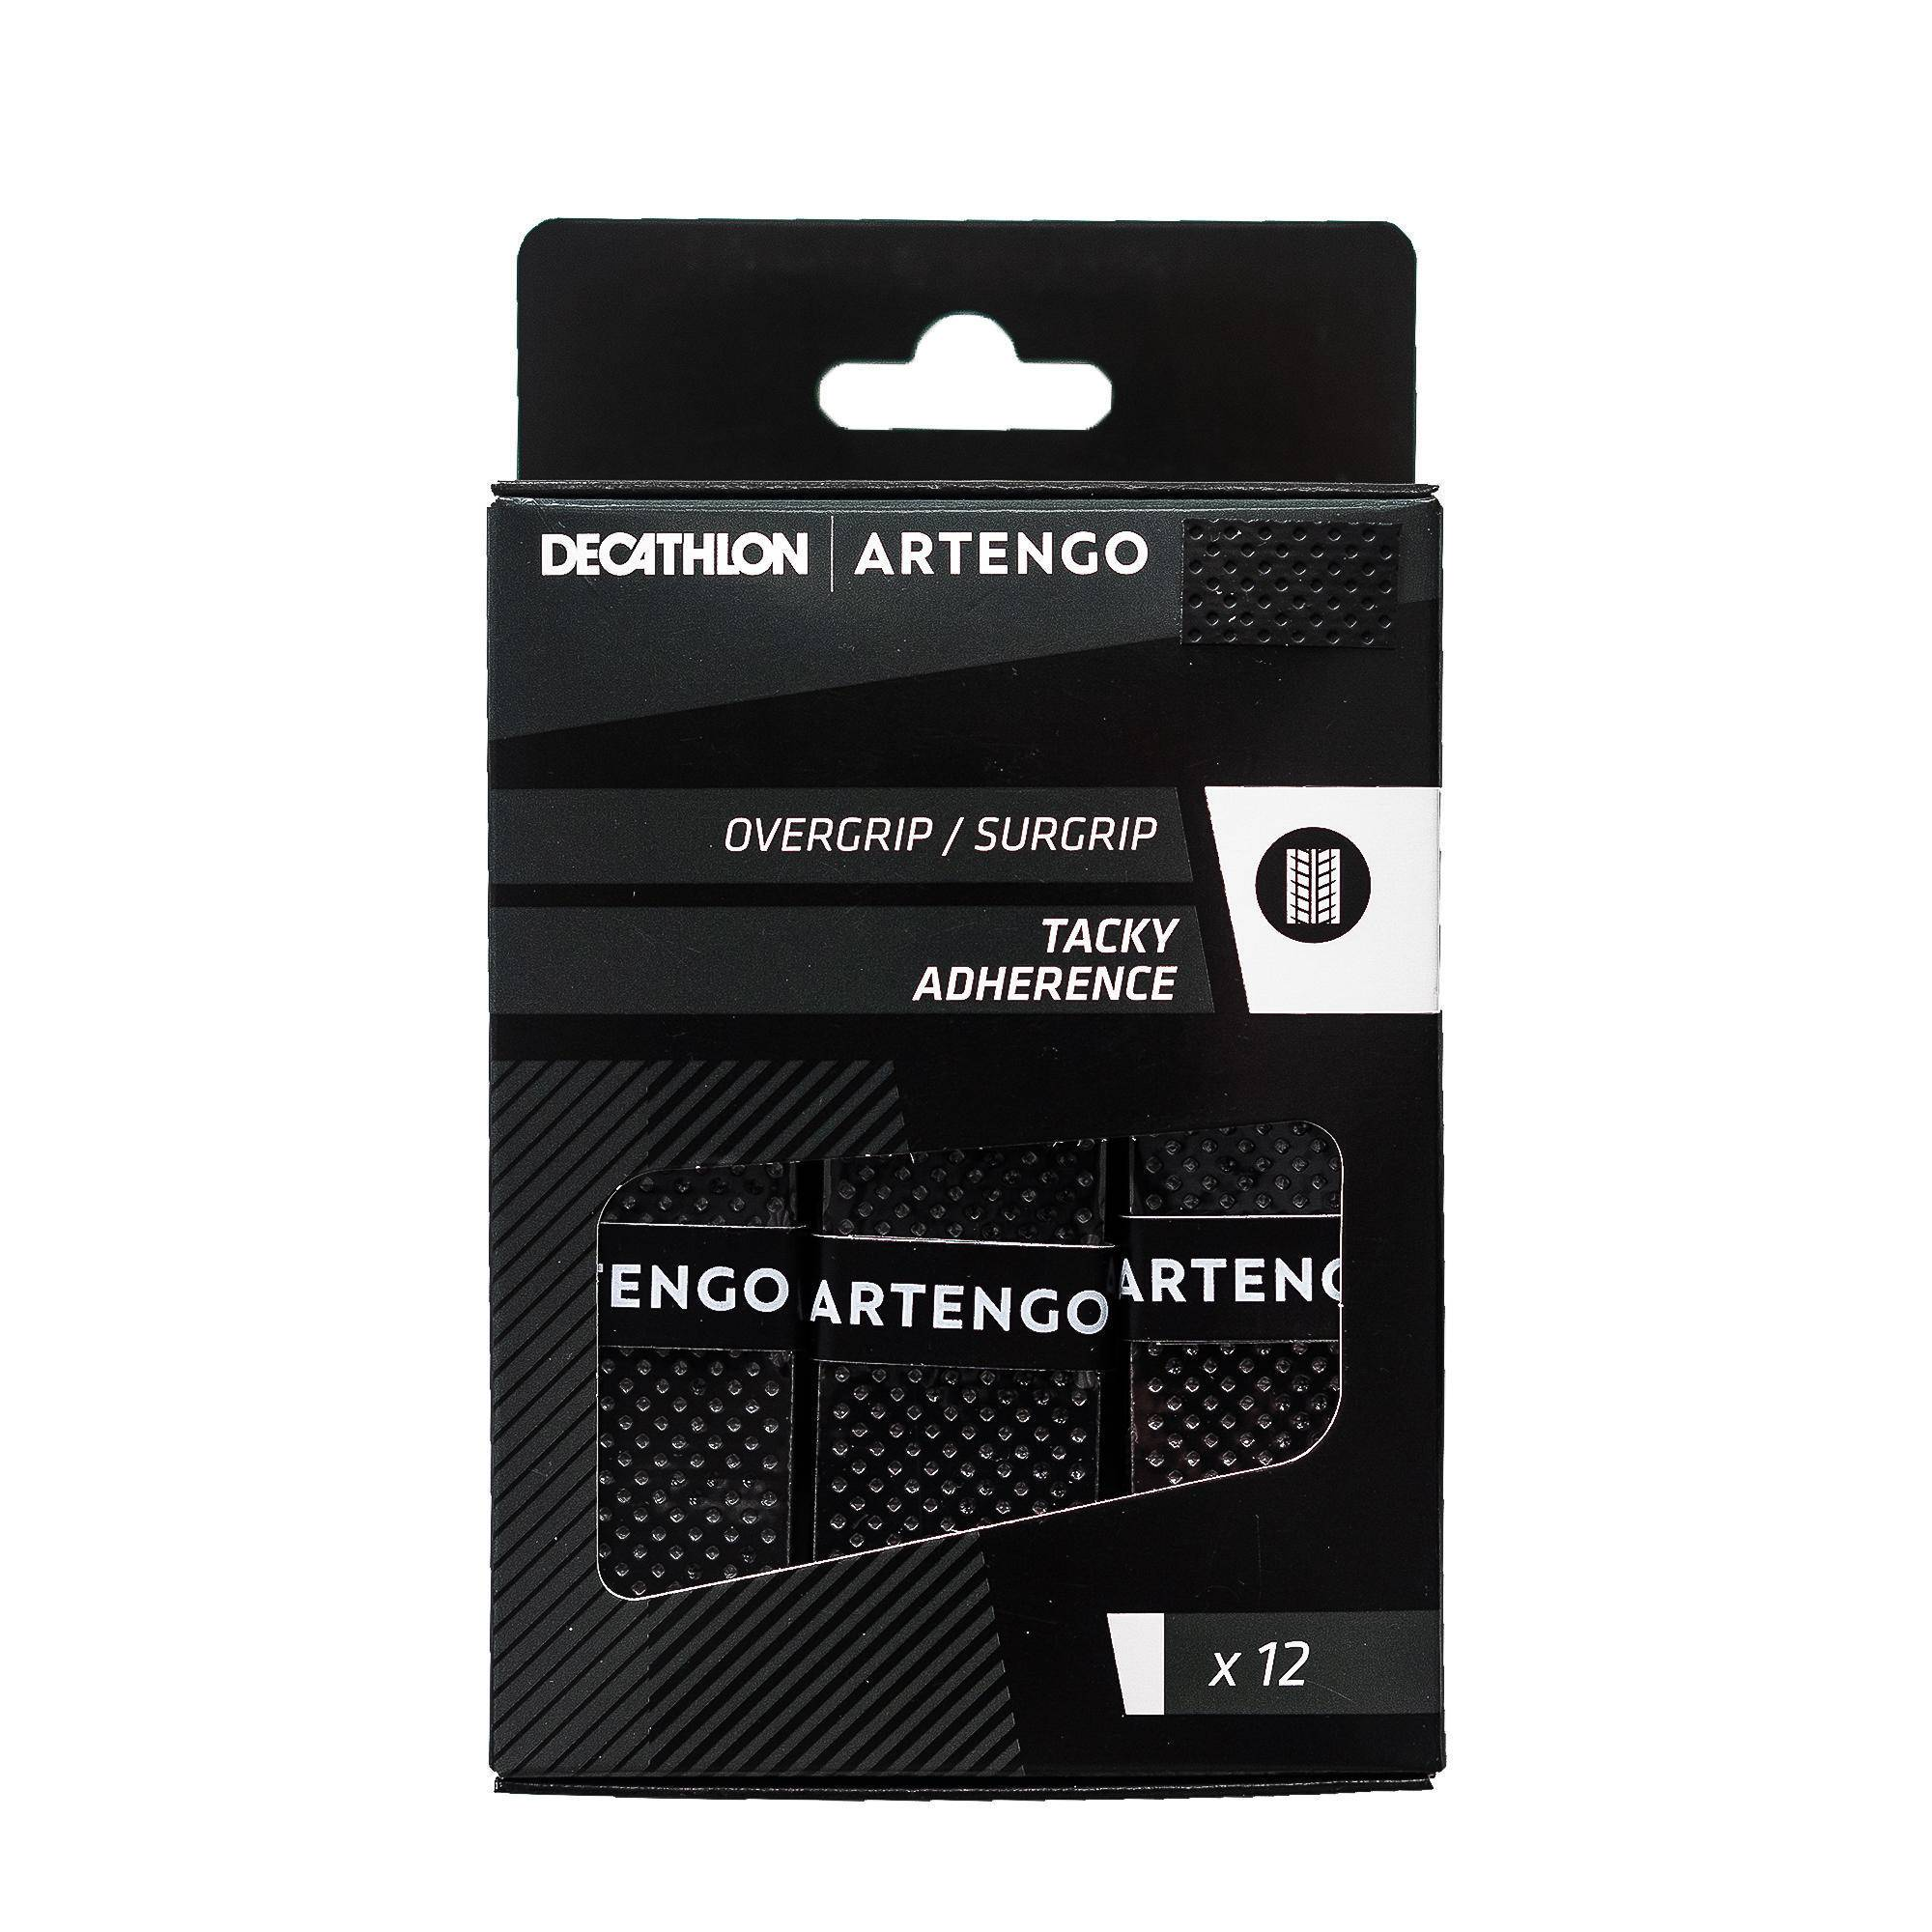 Artengo SURGRIP DE TENNIS TACKY X12 noir - Artengo